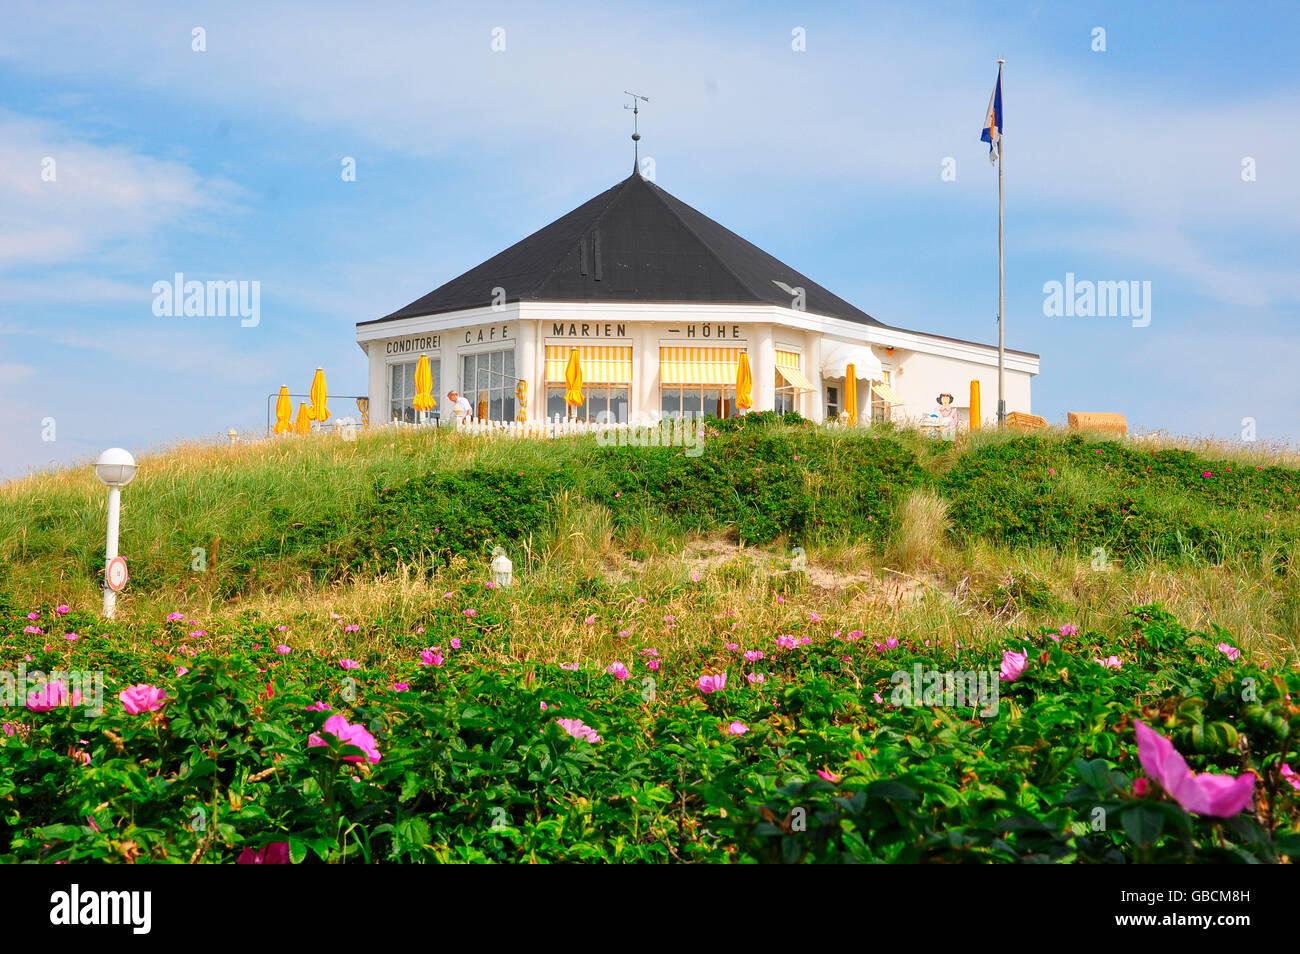 Pavillon, UNESCO-Welterbe, Norderney, Strandcafe, Marienhoehe, Niedersachsen, Deutschland / Marienh÷he Stock Photo